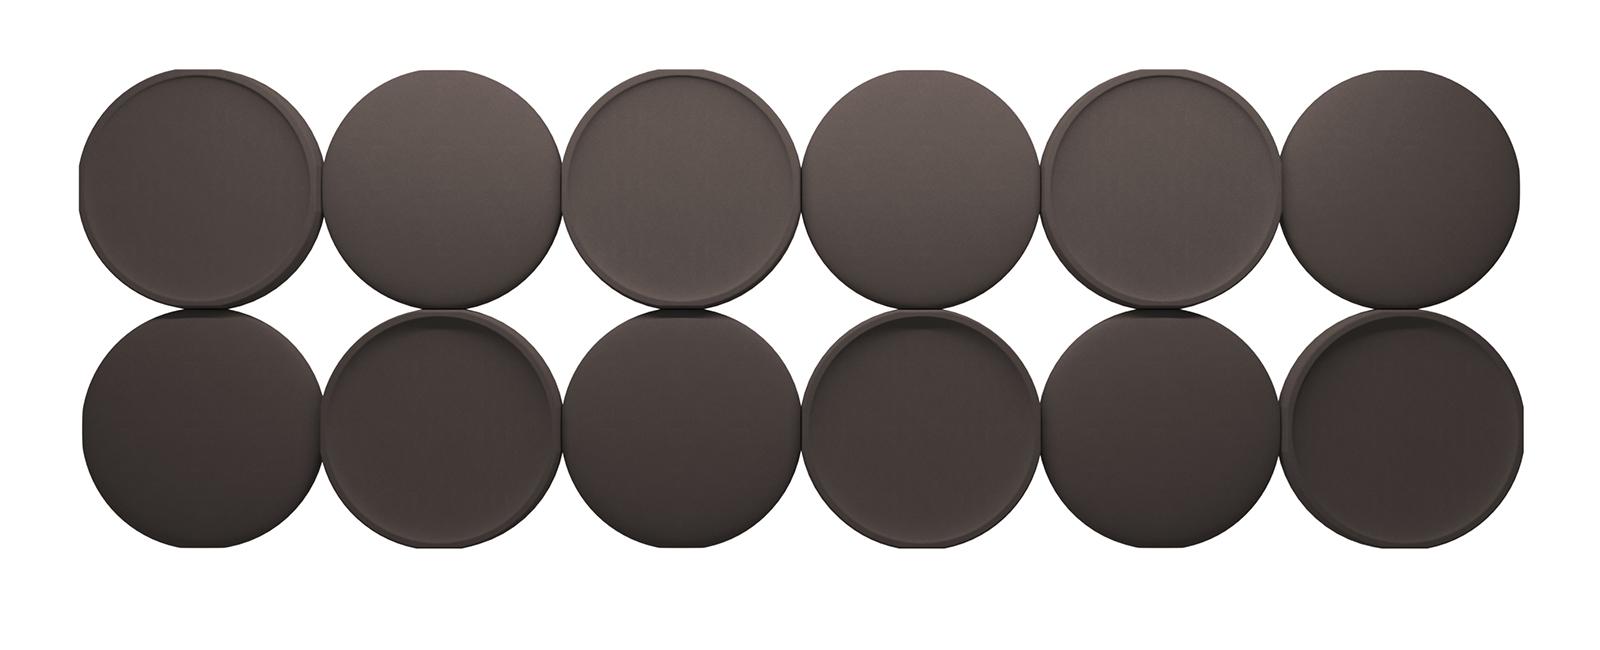 Autex Quietspace 3D-Tiles S-5.32 | Bark